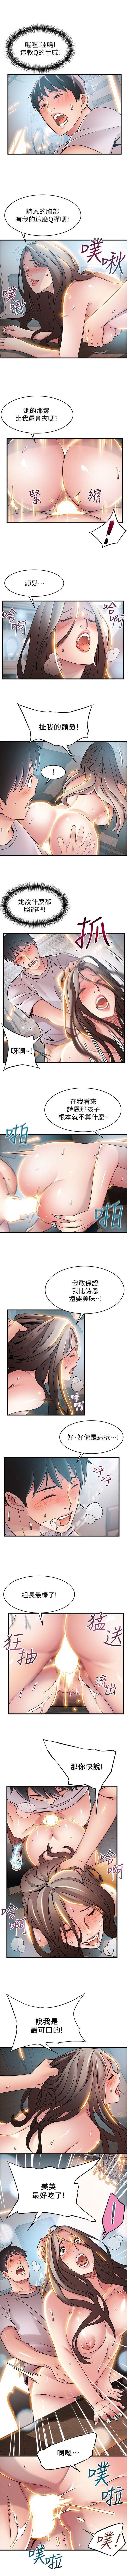 (週7)弱點 1-76 中文翻譯(更新中) 160